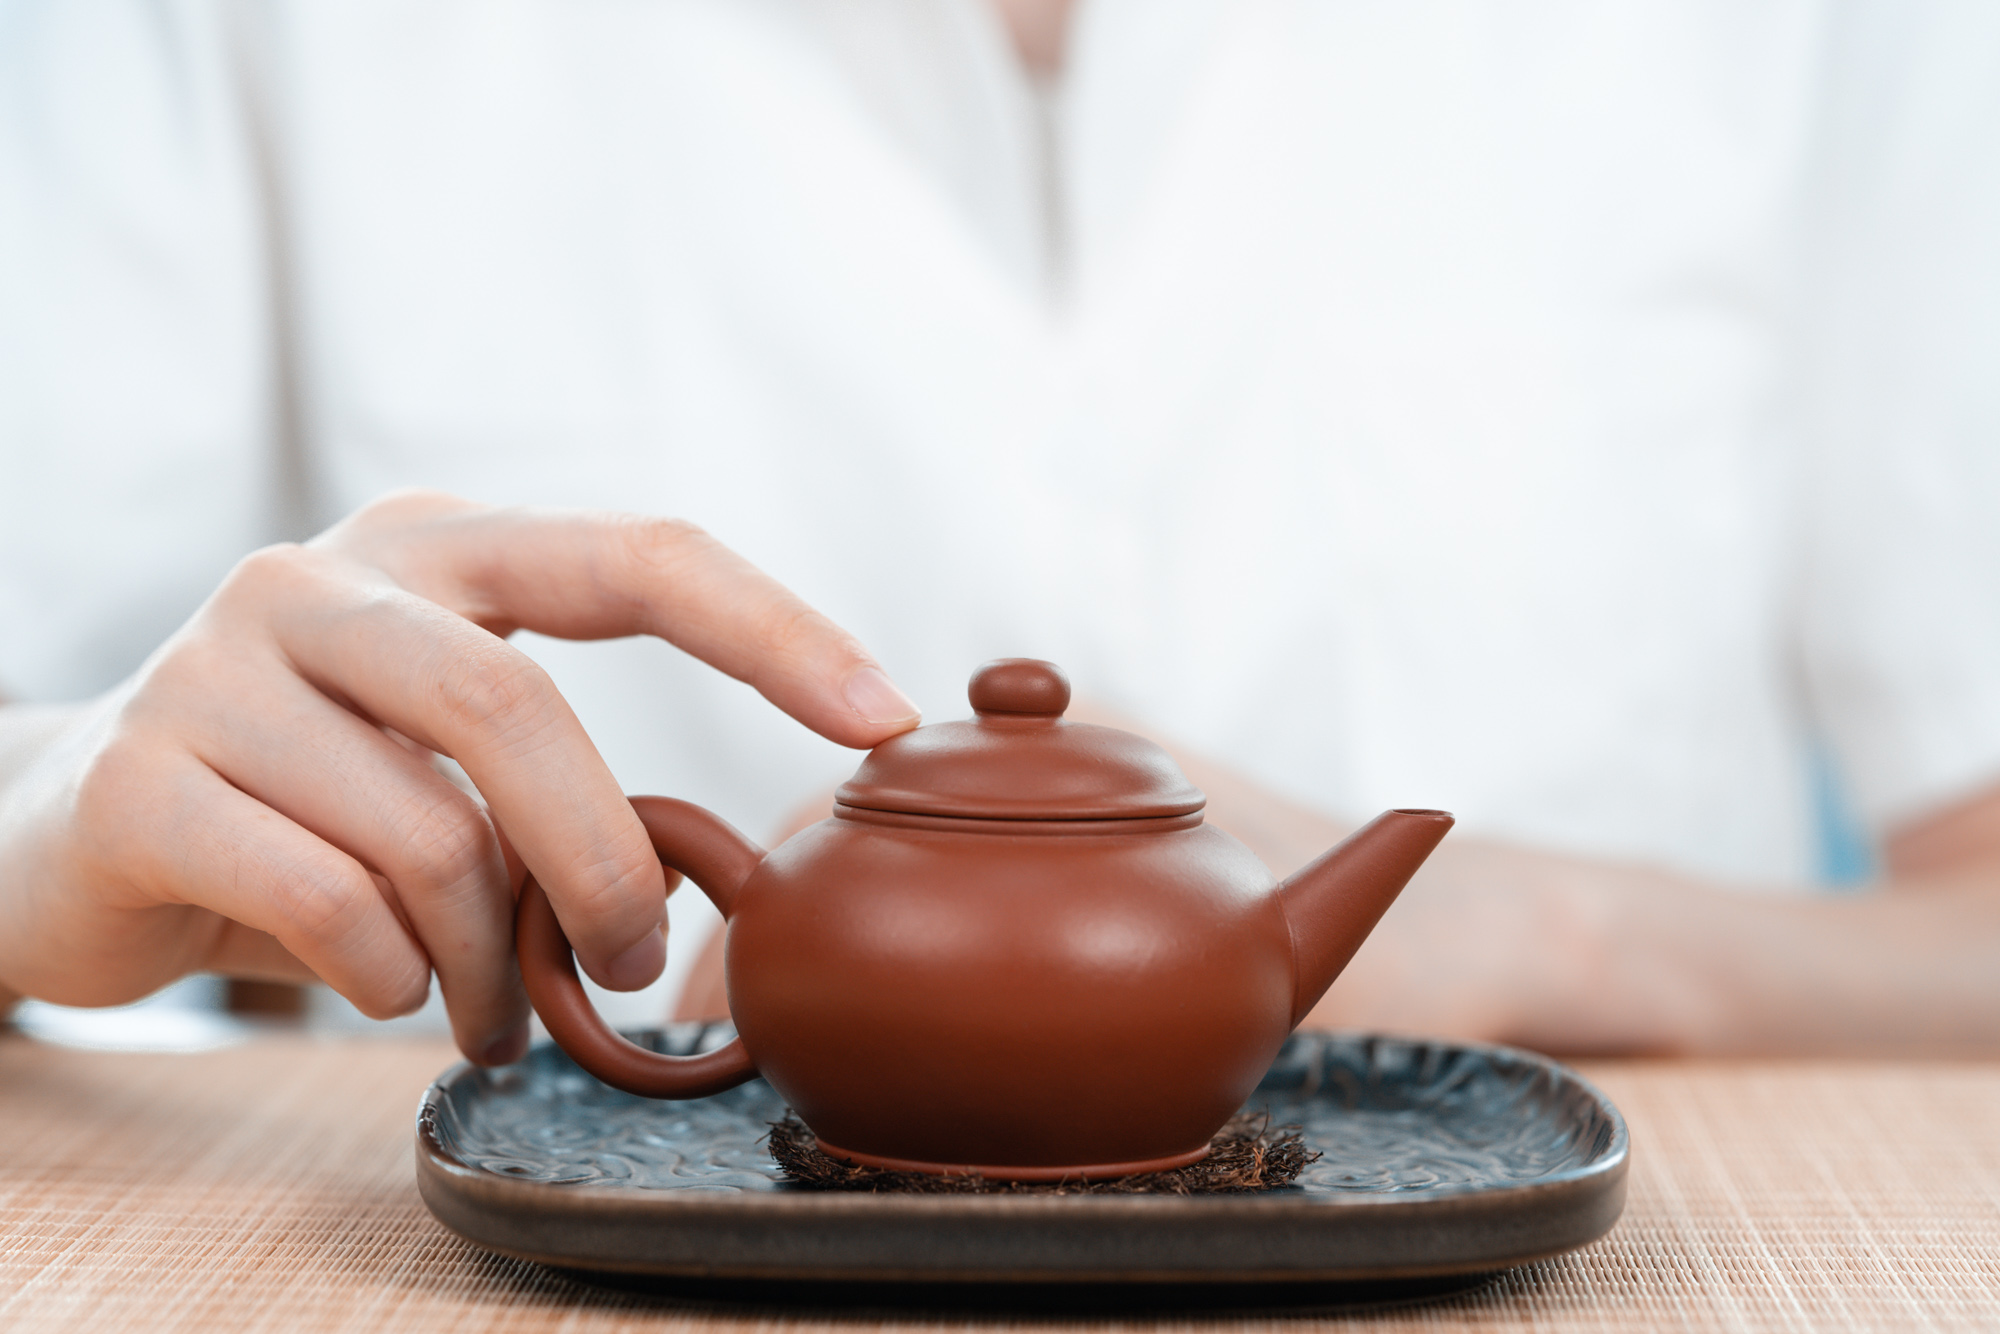 小喜年-到底是紫砂壶泡茶好,还是盖碗泡茶好?